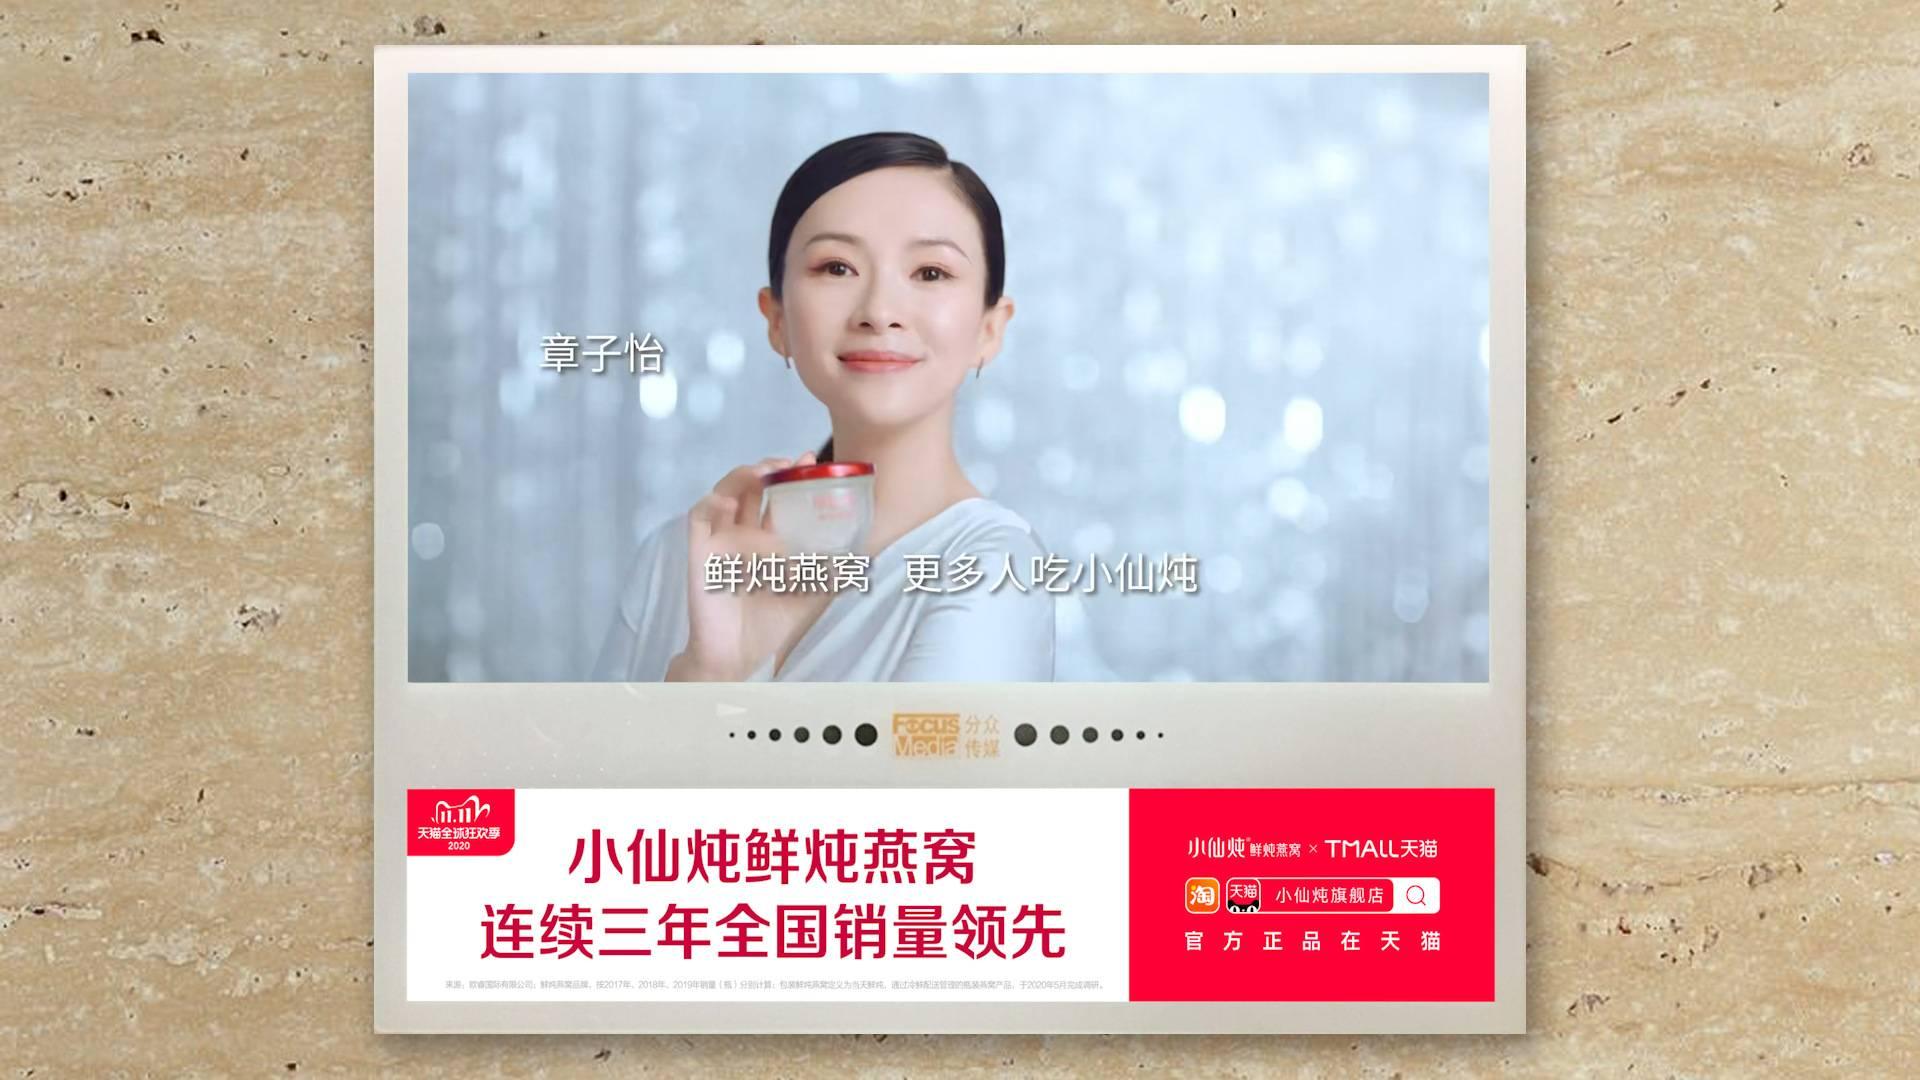 鸟哥笔记,营销推广,郑光涛Grant,营销洞察,品牌推广,案例分析,传播,营销